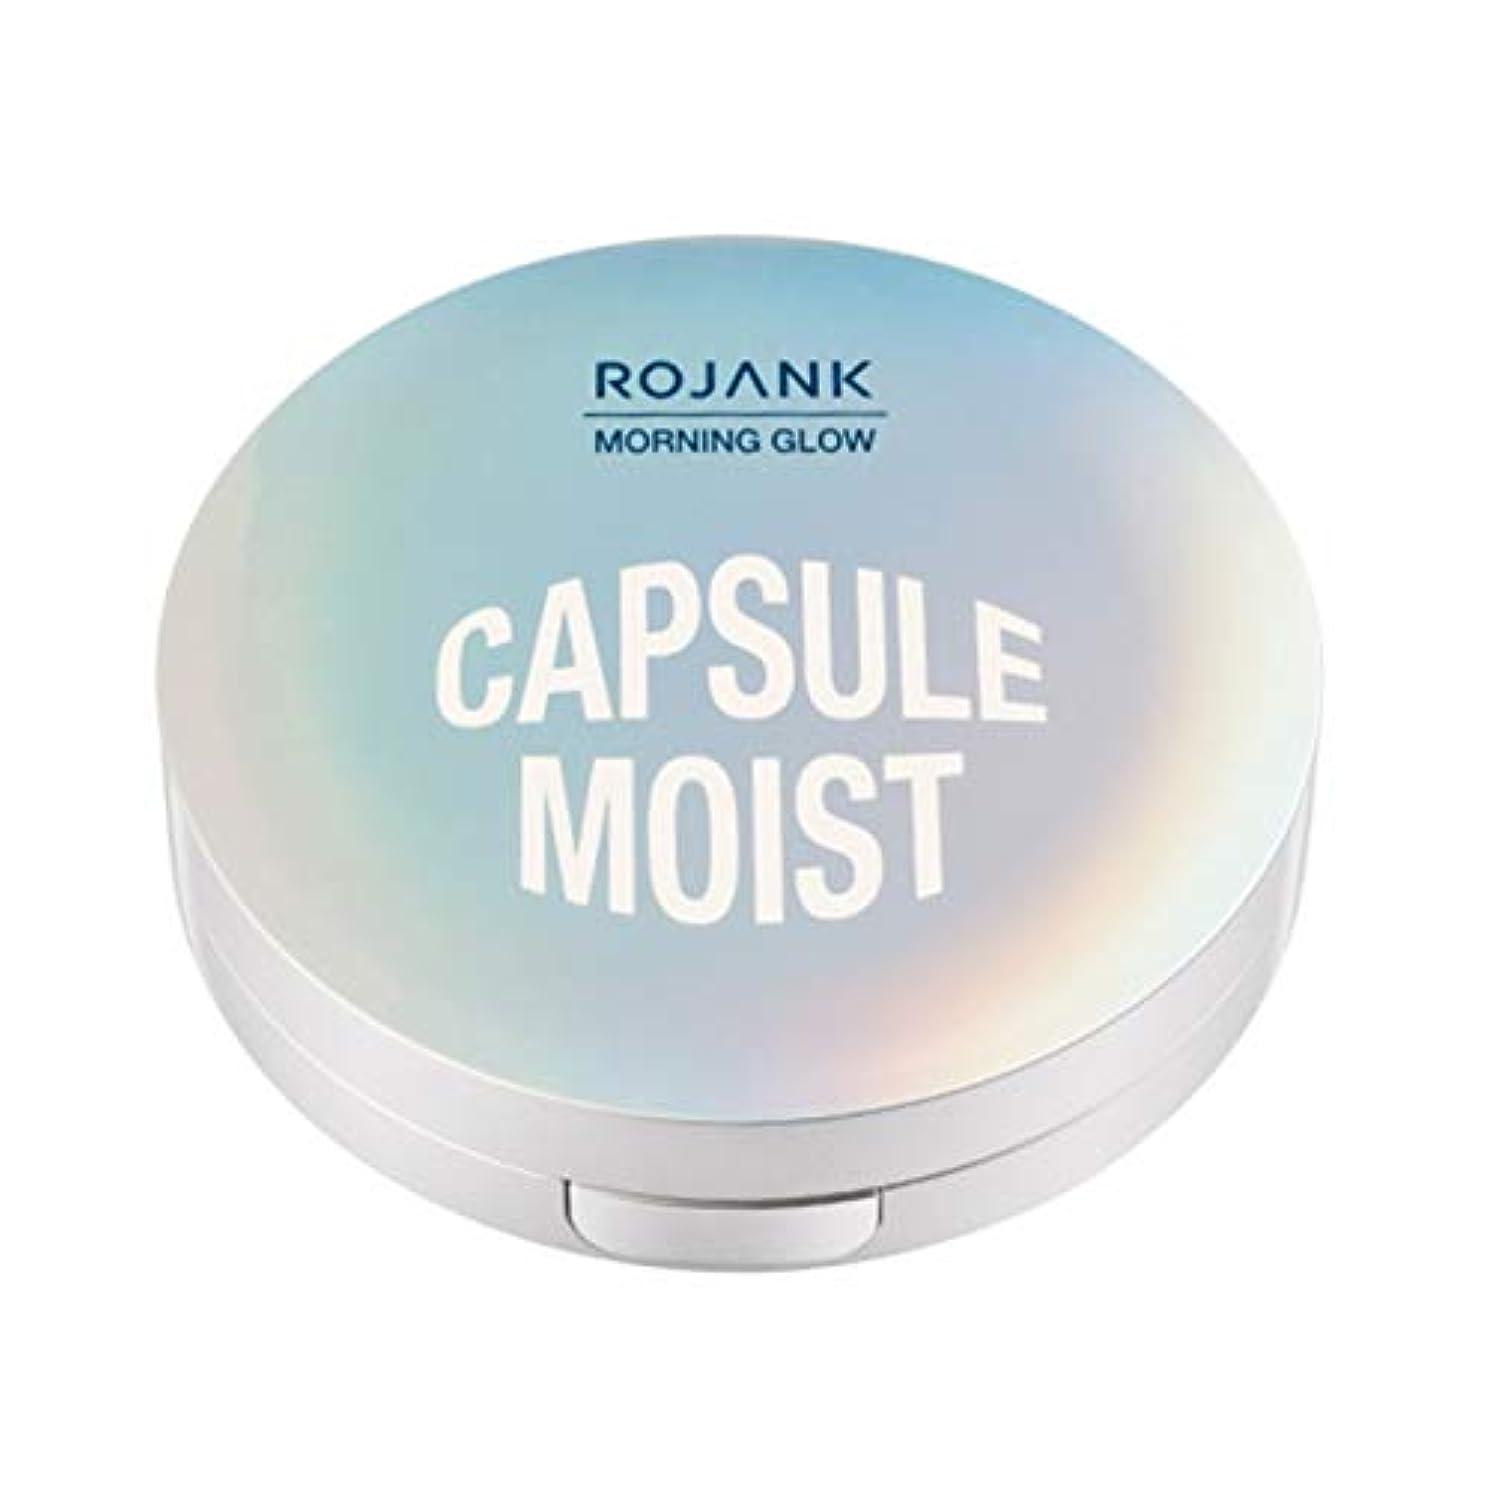 雨のそよ風ラウズ[ROJANK/ロジャンク] Morning Glow Capsule Moist BB #21 / モーニンググローカプセルモイストBB #21 14g Skingarden/スキンガーデン (#21.Light Beige...